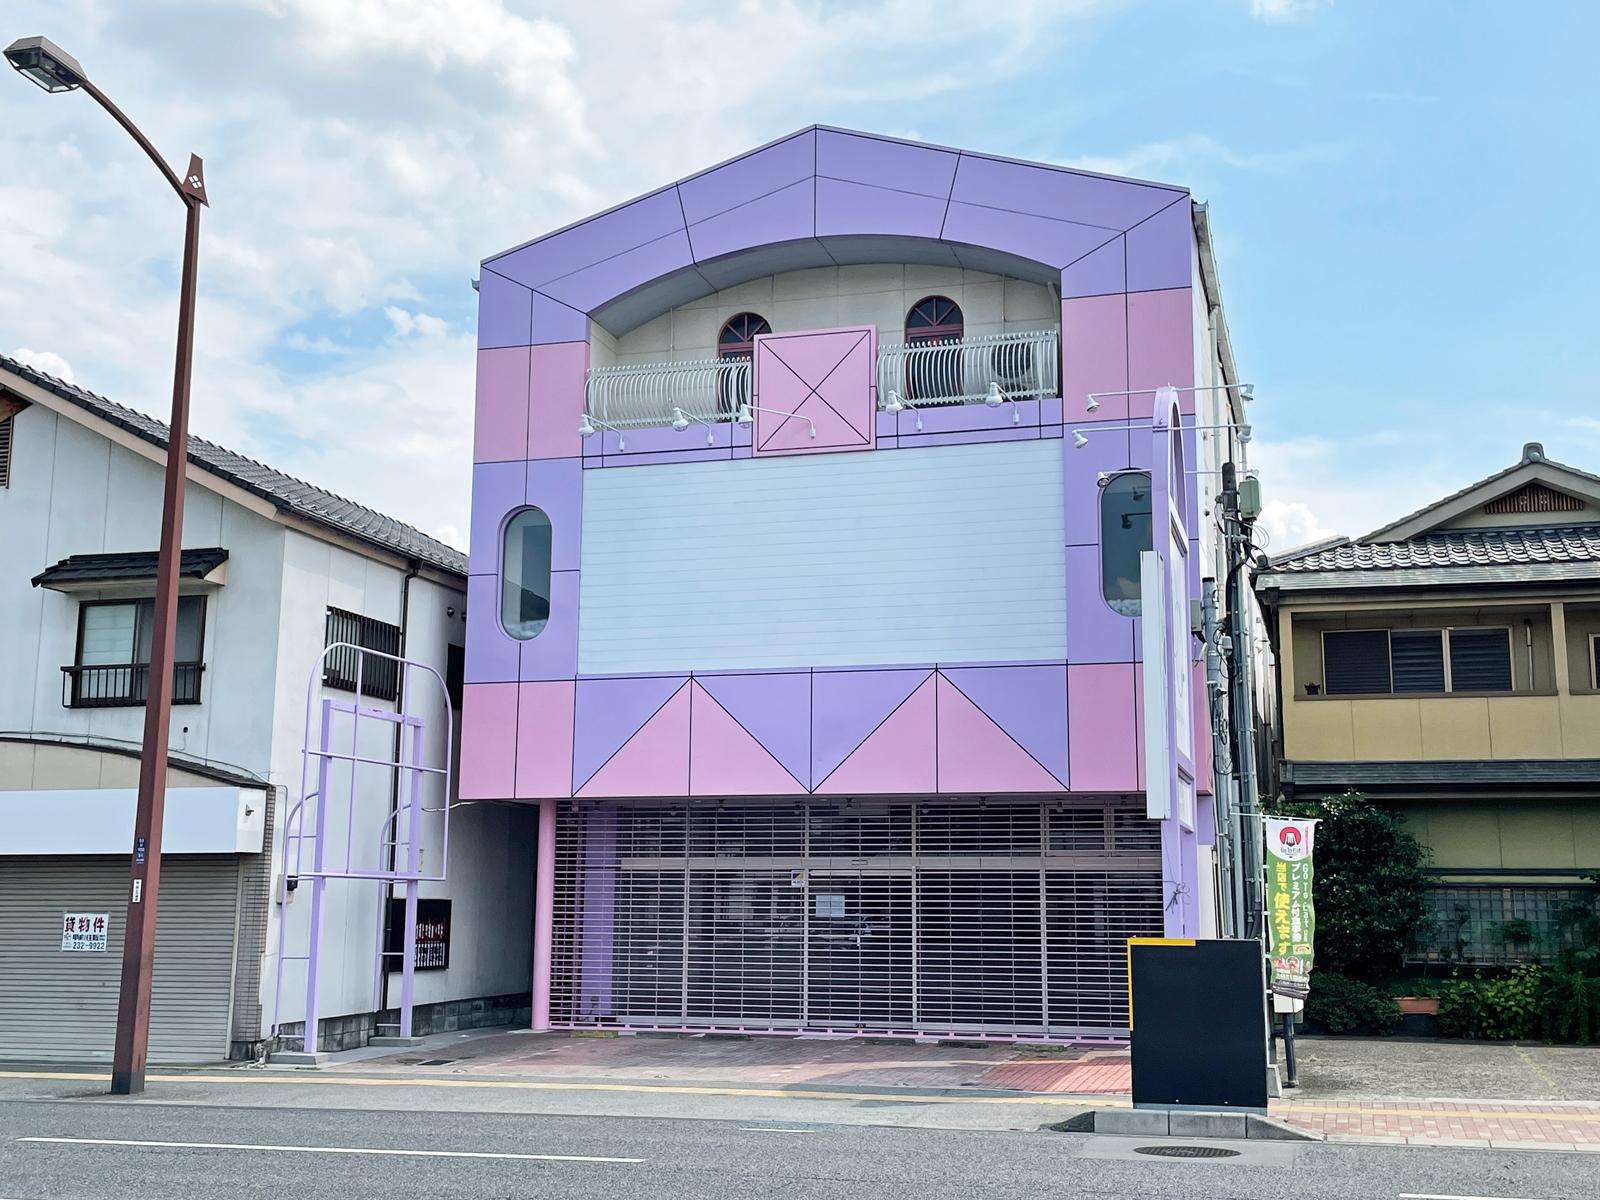 甲府市寿町 KM-5ビル 1階 貸事務所・貸店舗_アイキャッチ画像